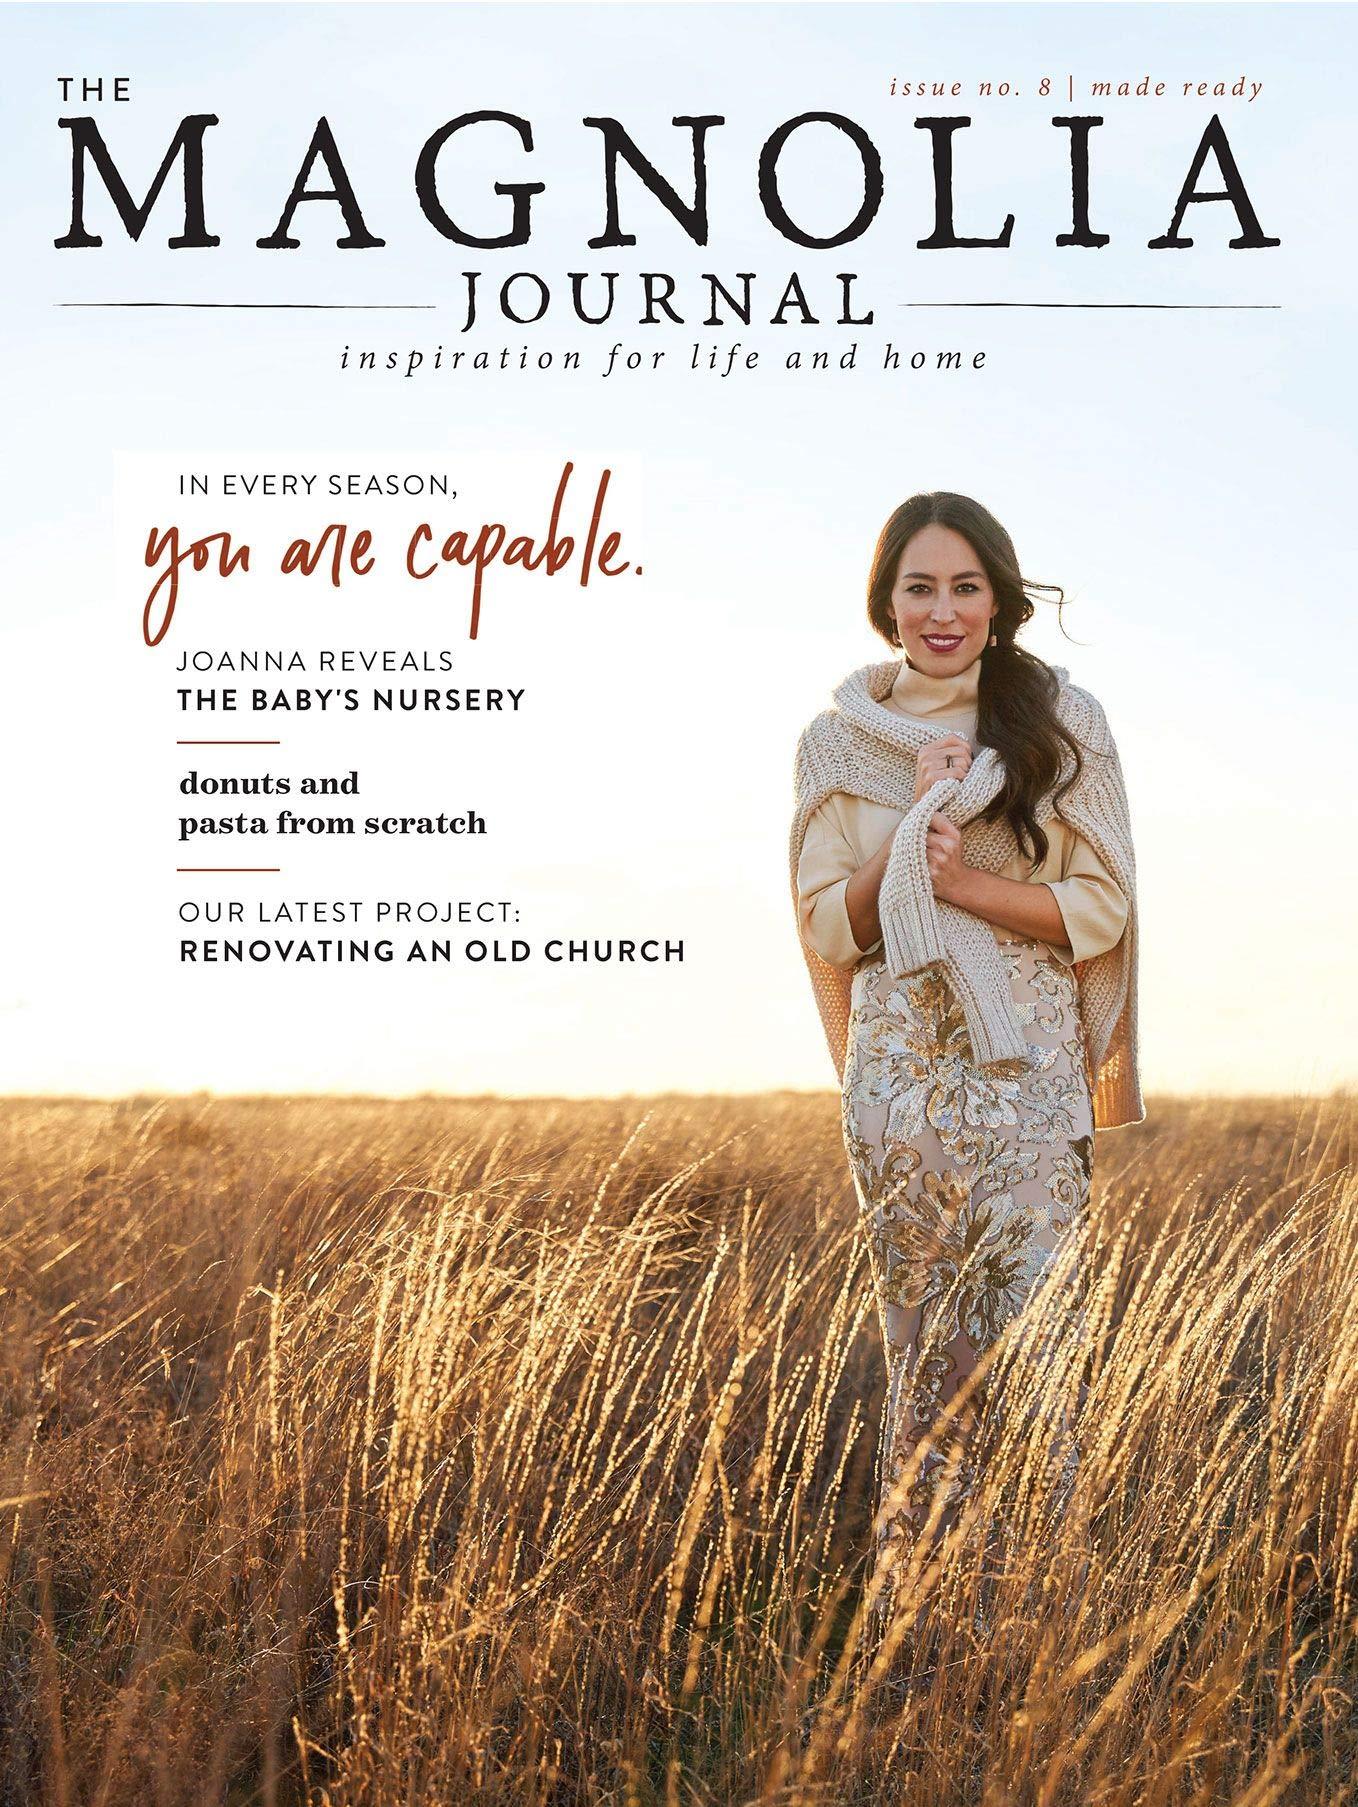 Image Magazine, Issue 8